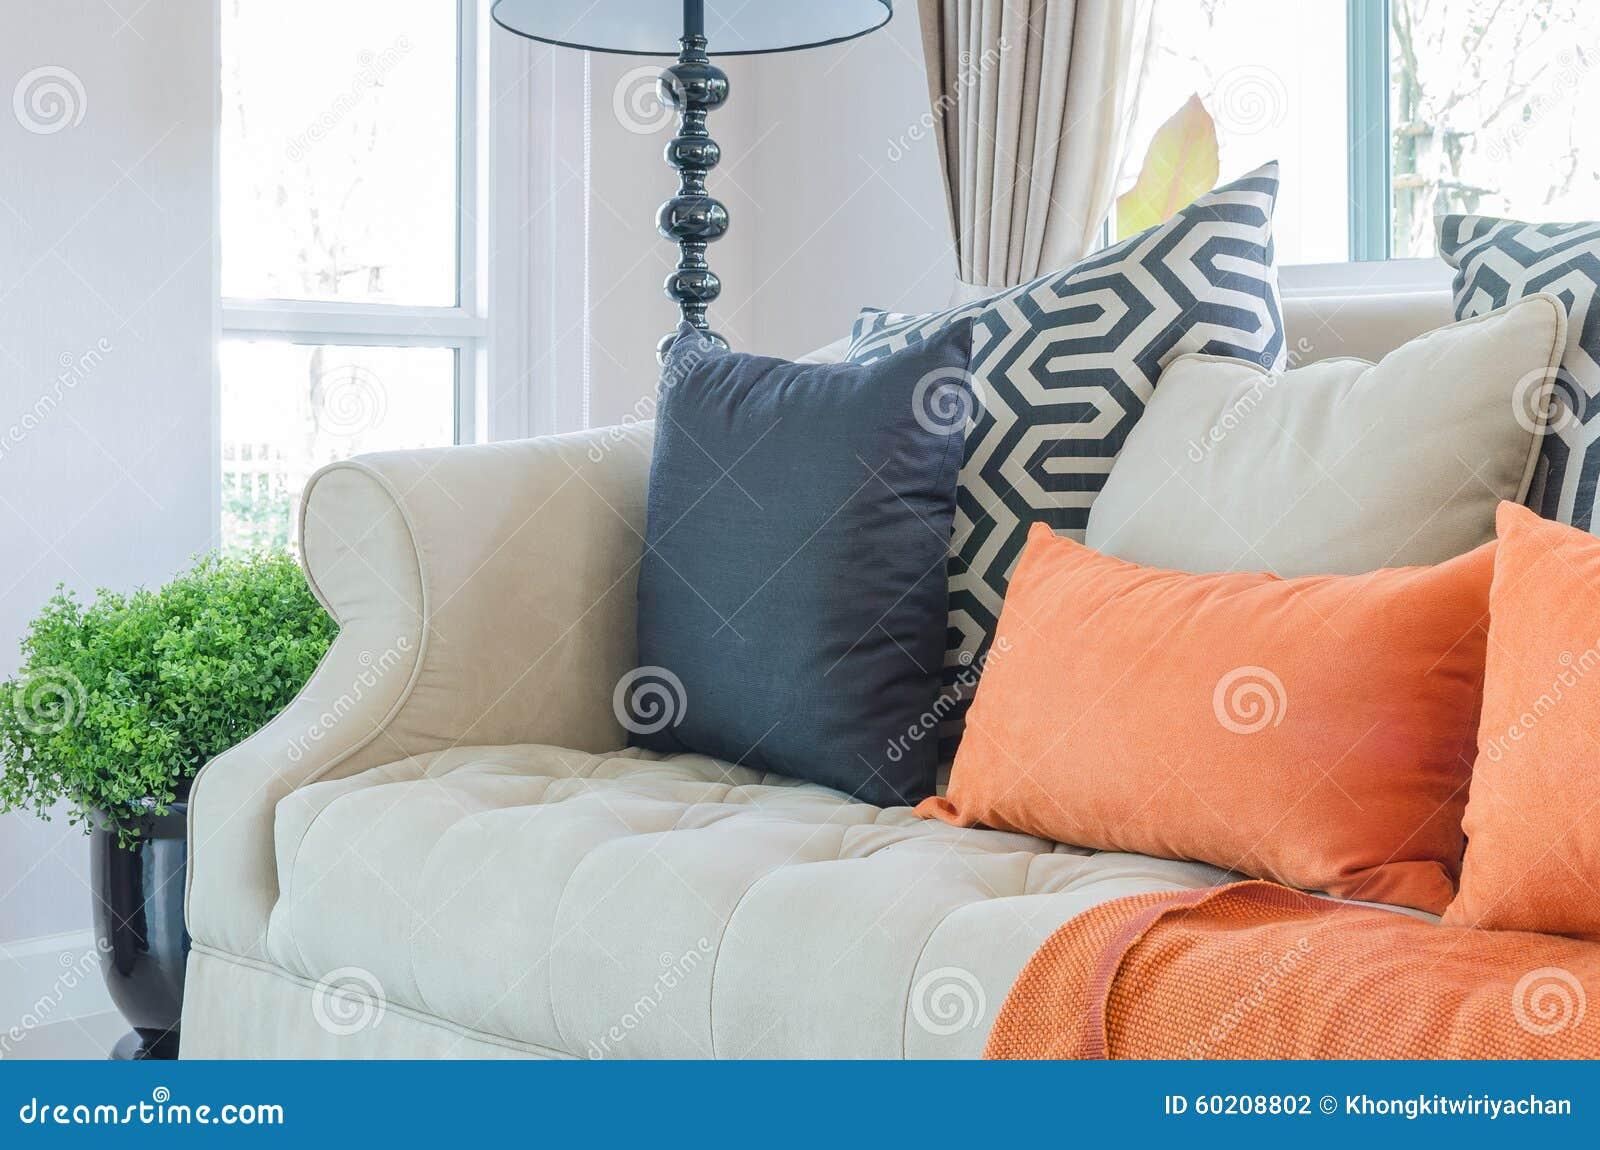 orange kissen und decke auf modernem sofa im wohnzimmer stockfoto, Wohnzimmer